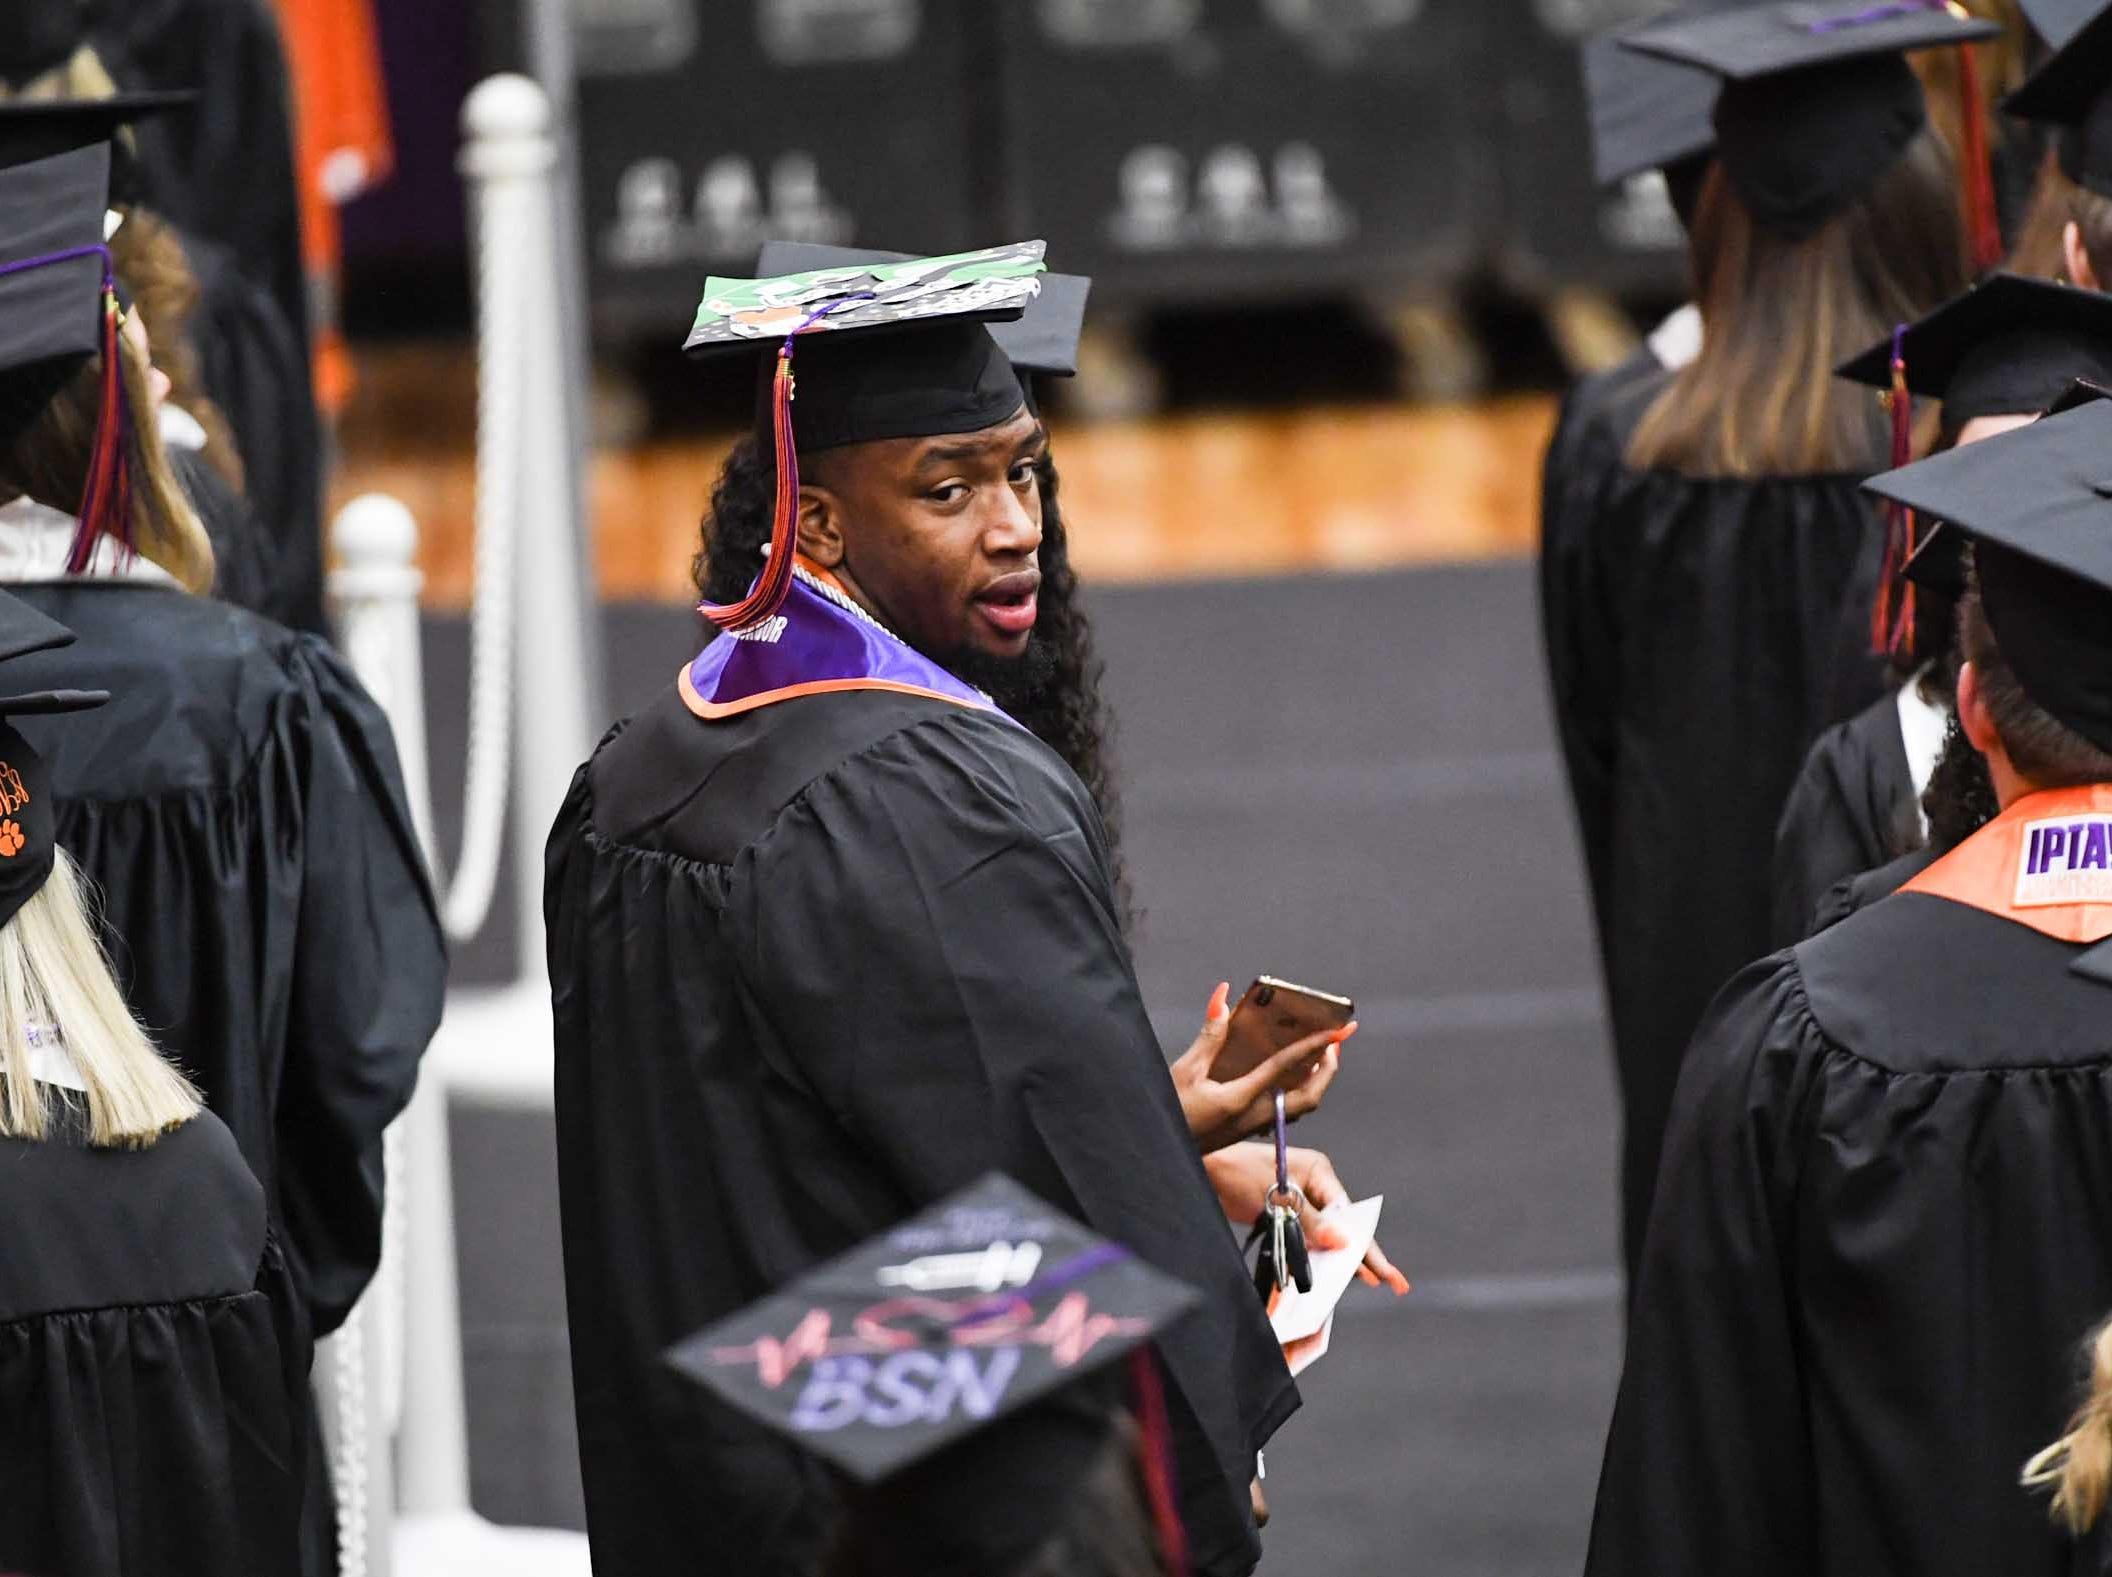 Clemson defensive lineman Clelin Ferrell during Clemson University graduation ceremony Thursday morning in Littlejohn Coliseum in Clemson.